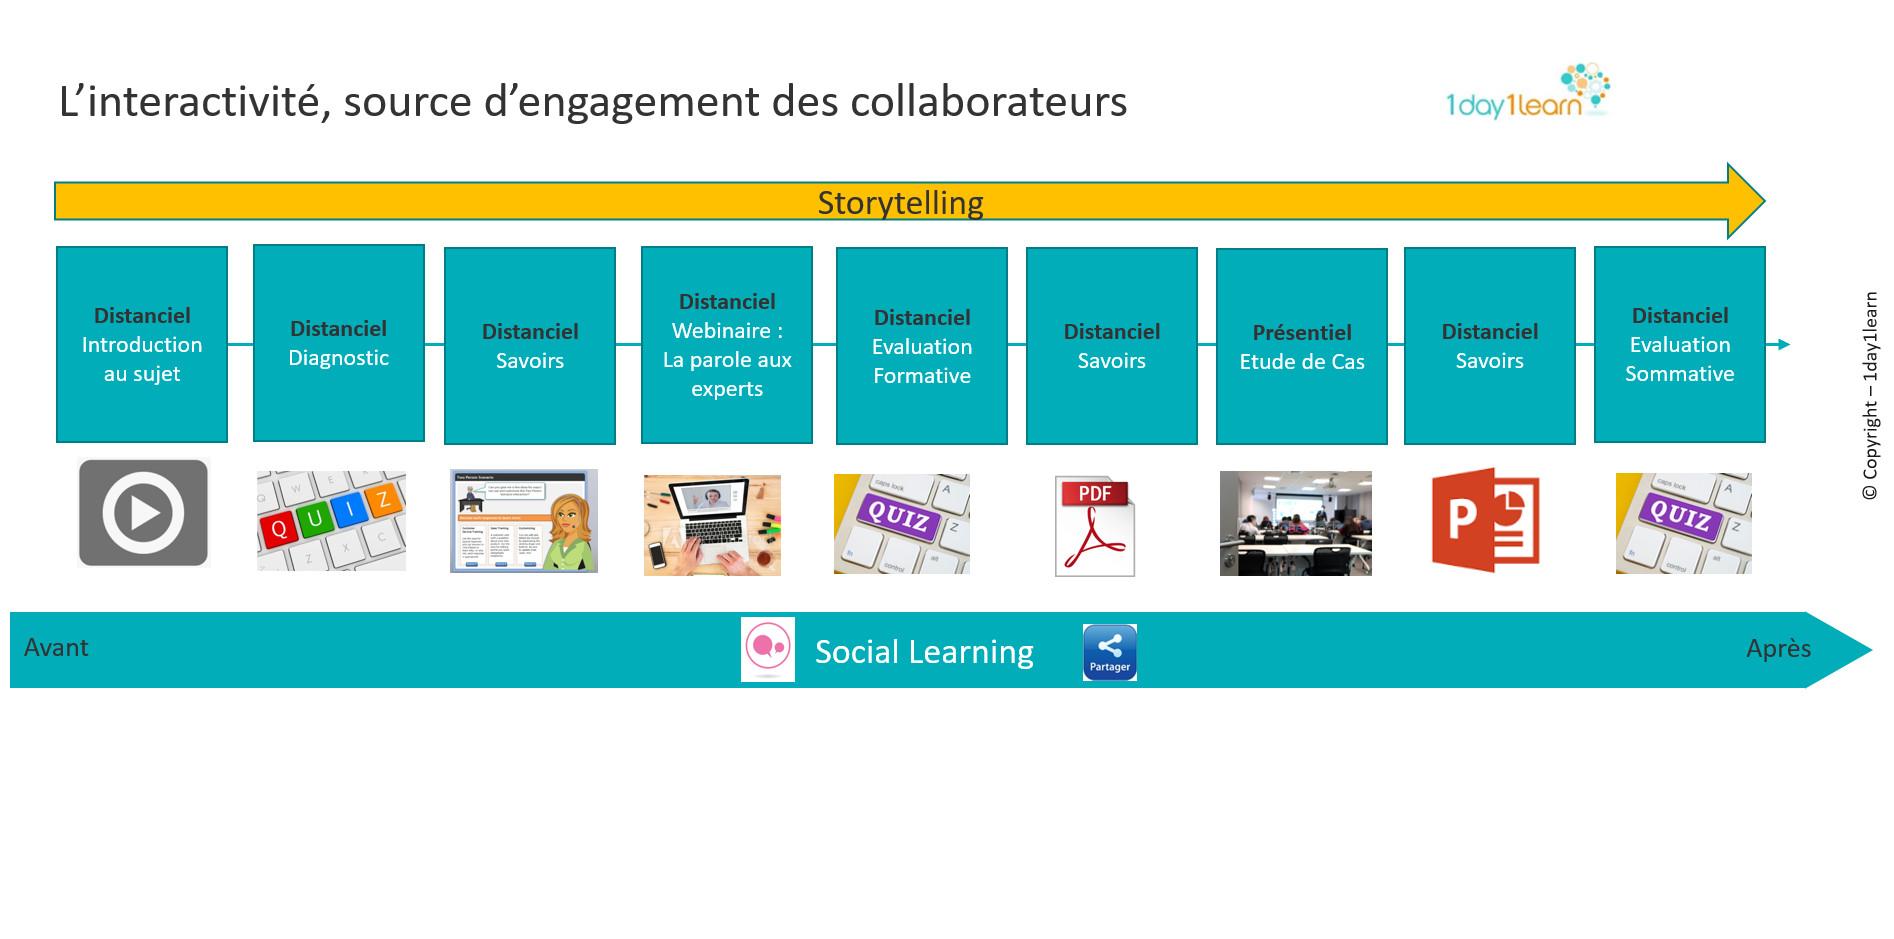 illustration-Article-Interactivité Le e-learning et l'interactivité.